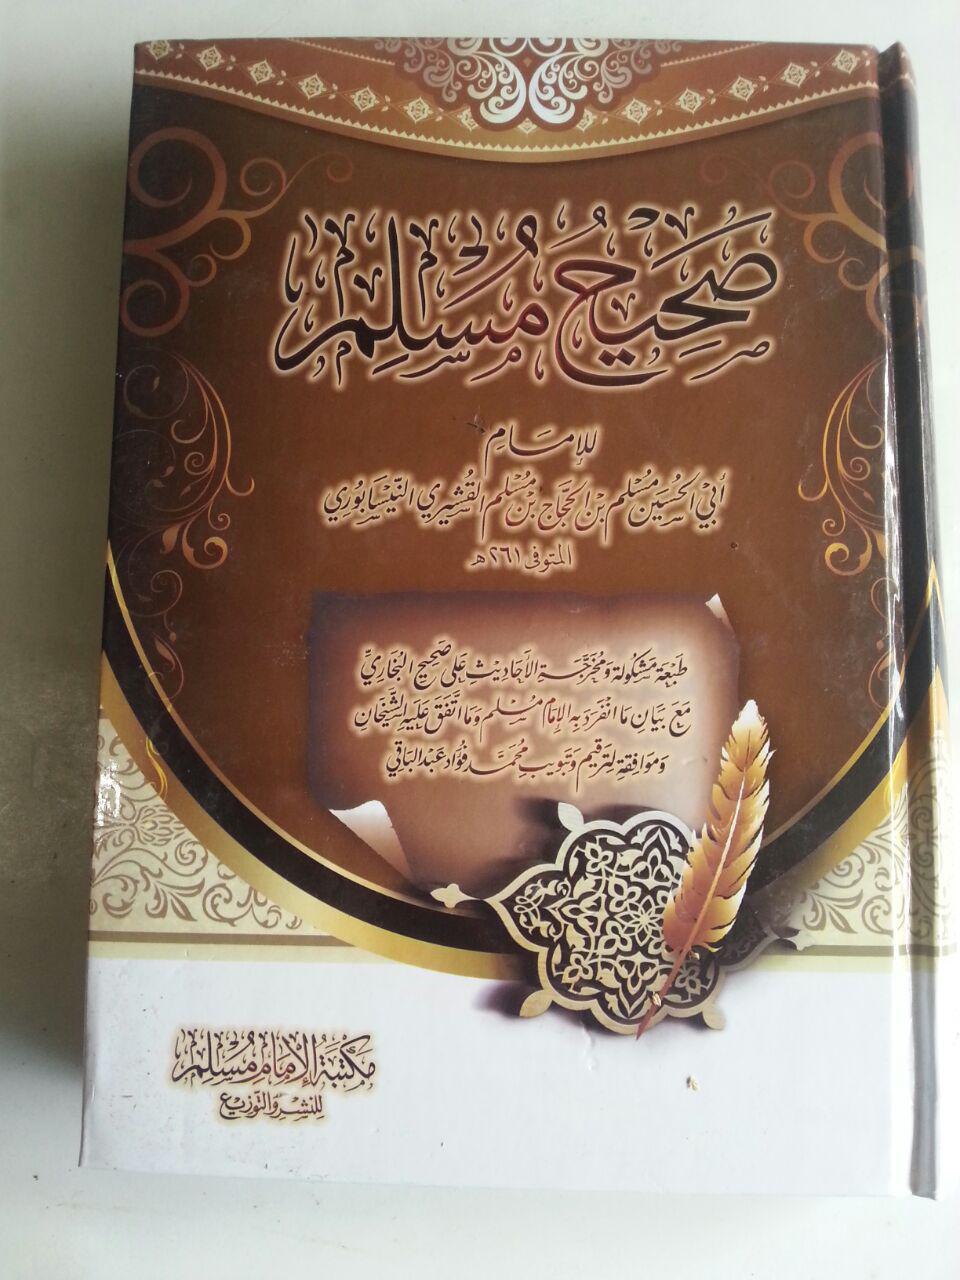 Kitab Shahih Muslim cover